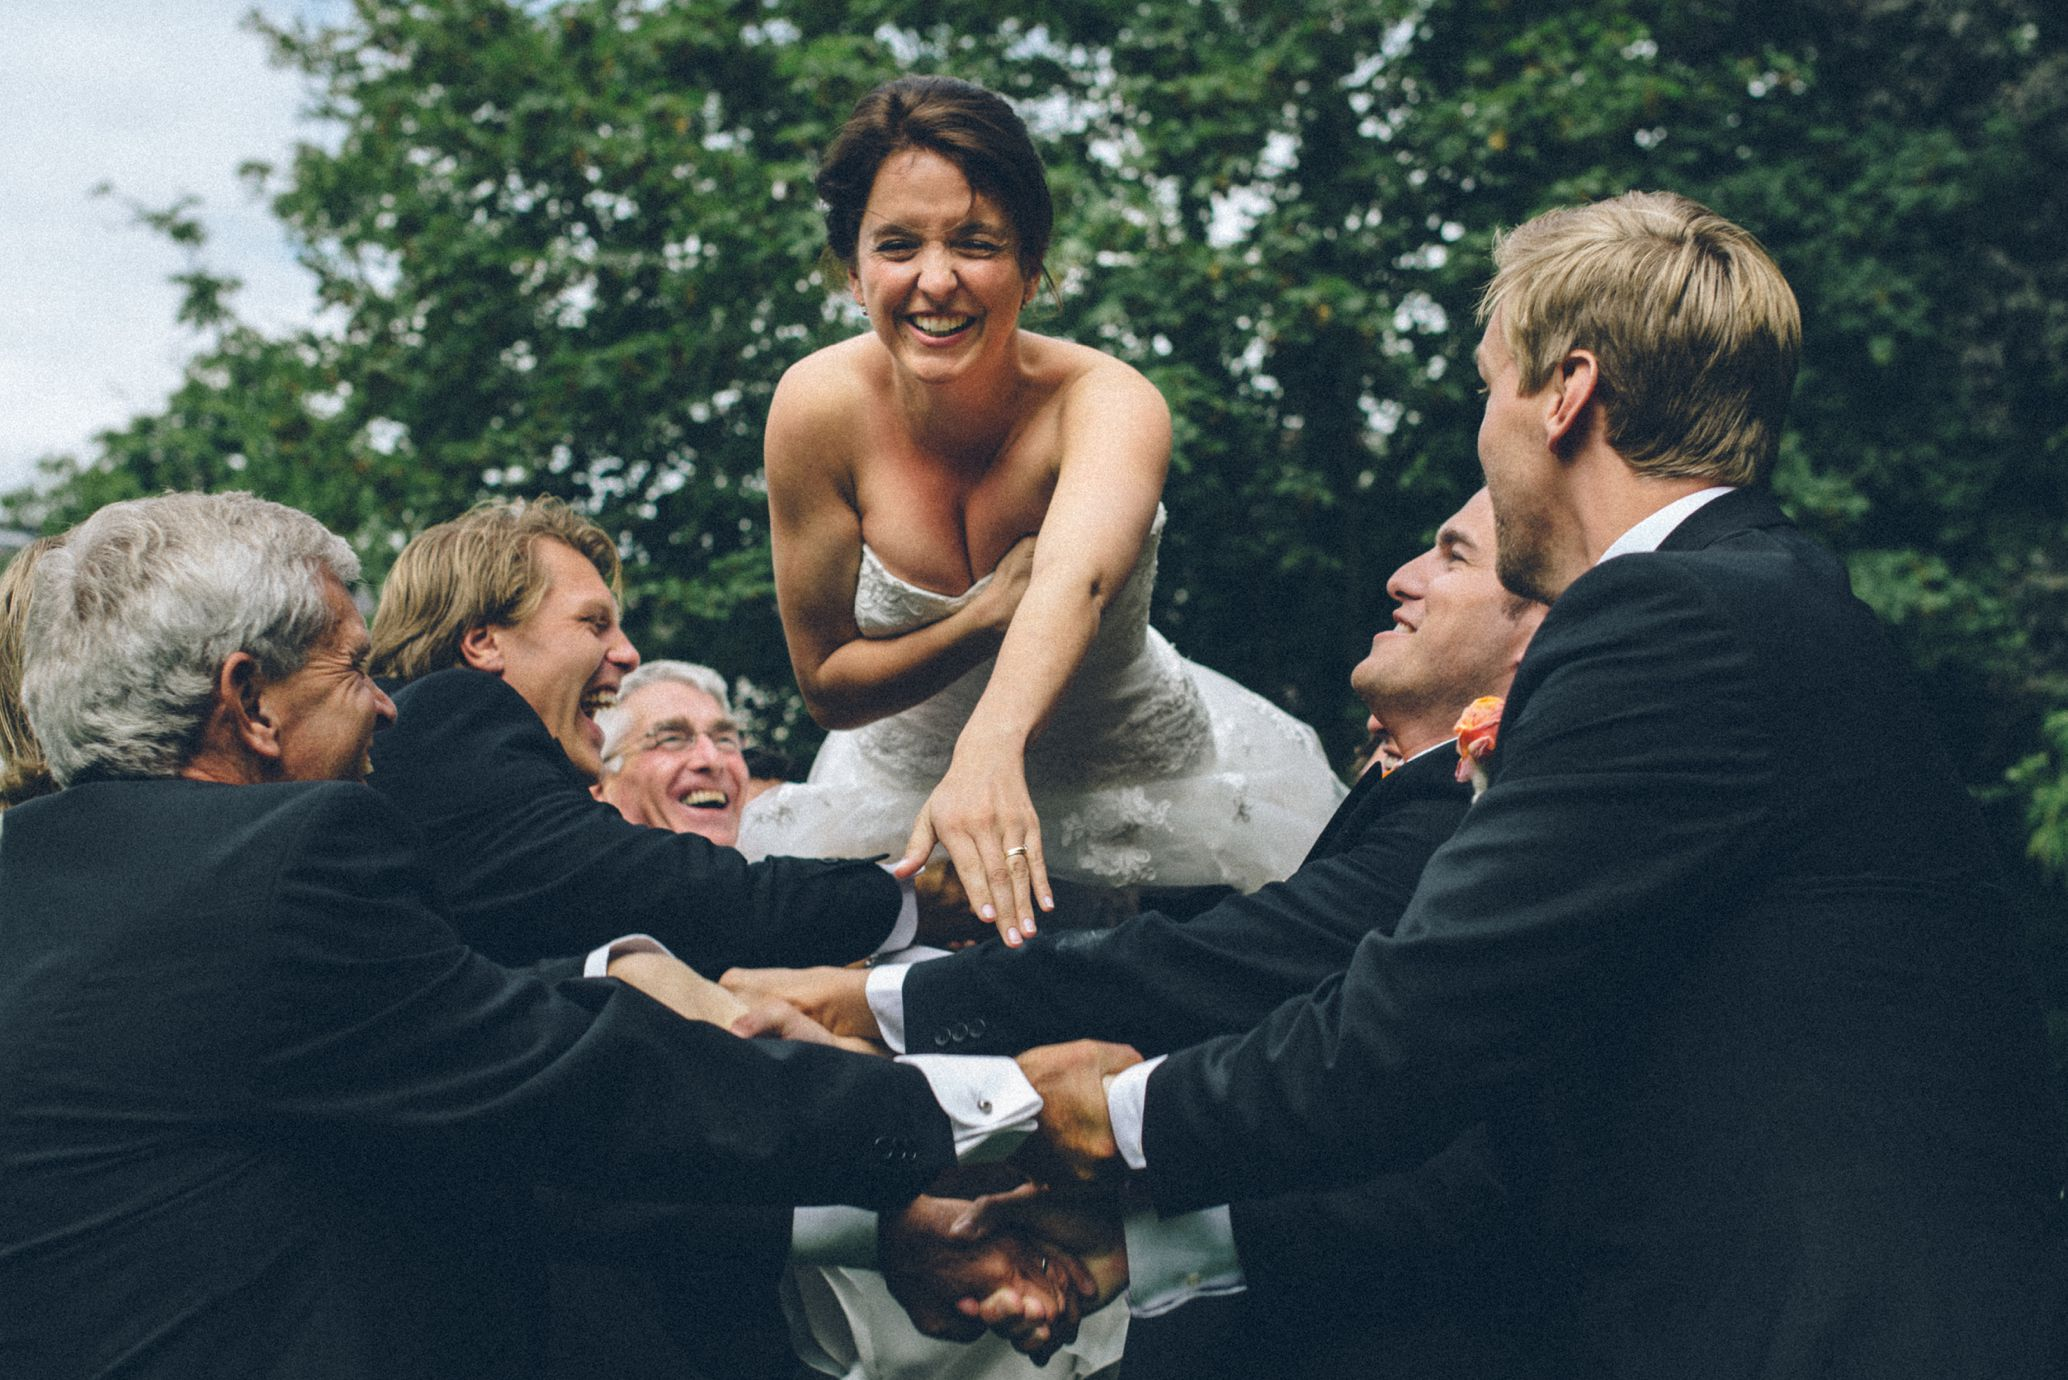 bruidsfotograaf breda_0046.jpg